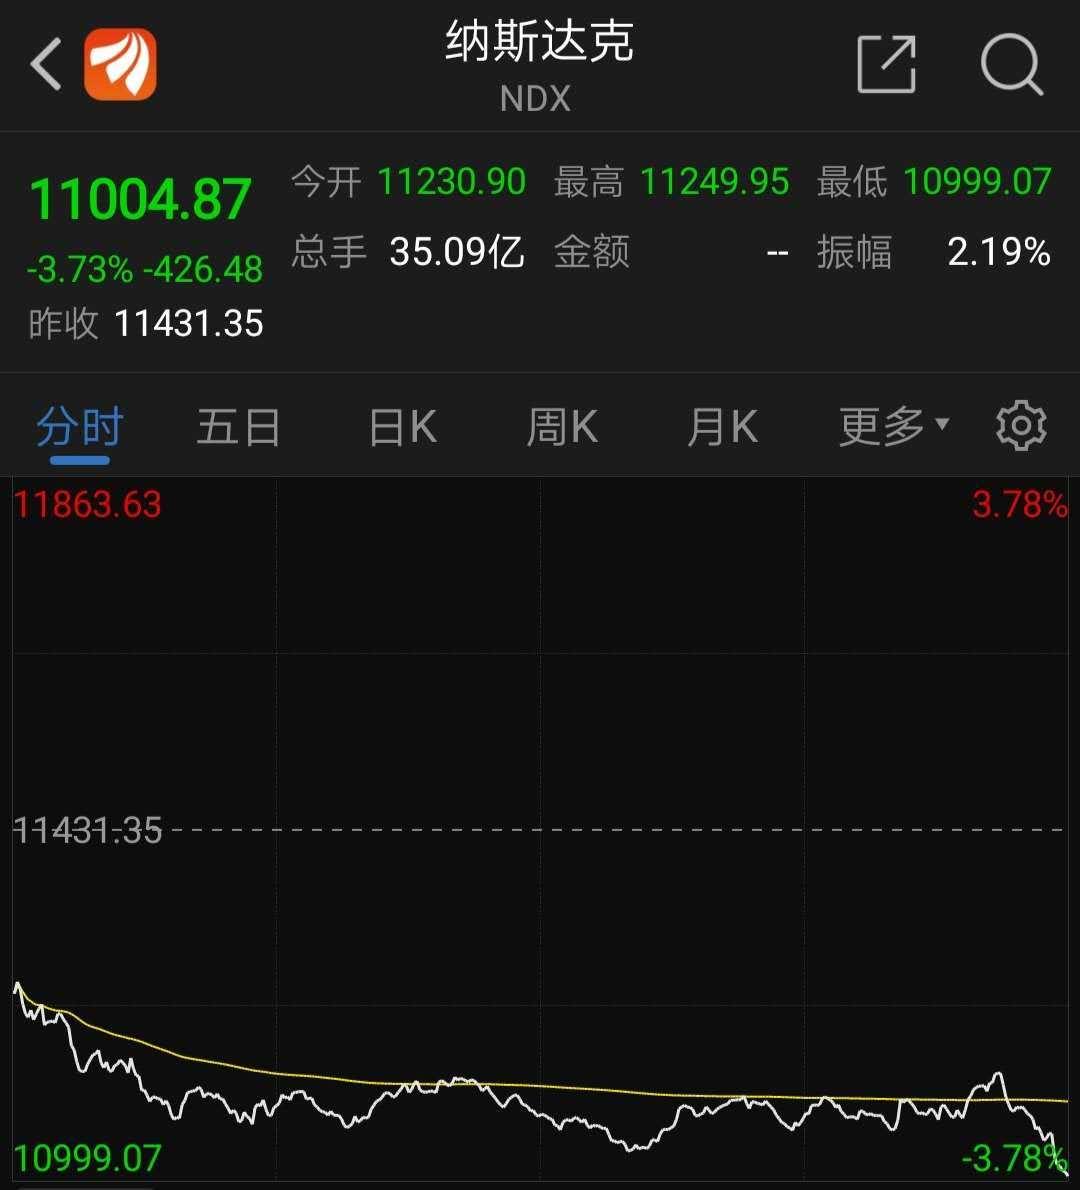 惊魂一夜!欧美股市集体崩盘,原油一度暴跌逾6%!疫情告急,美国多州升级防控,法国又要